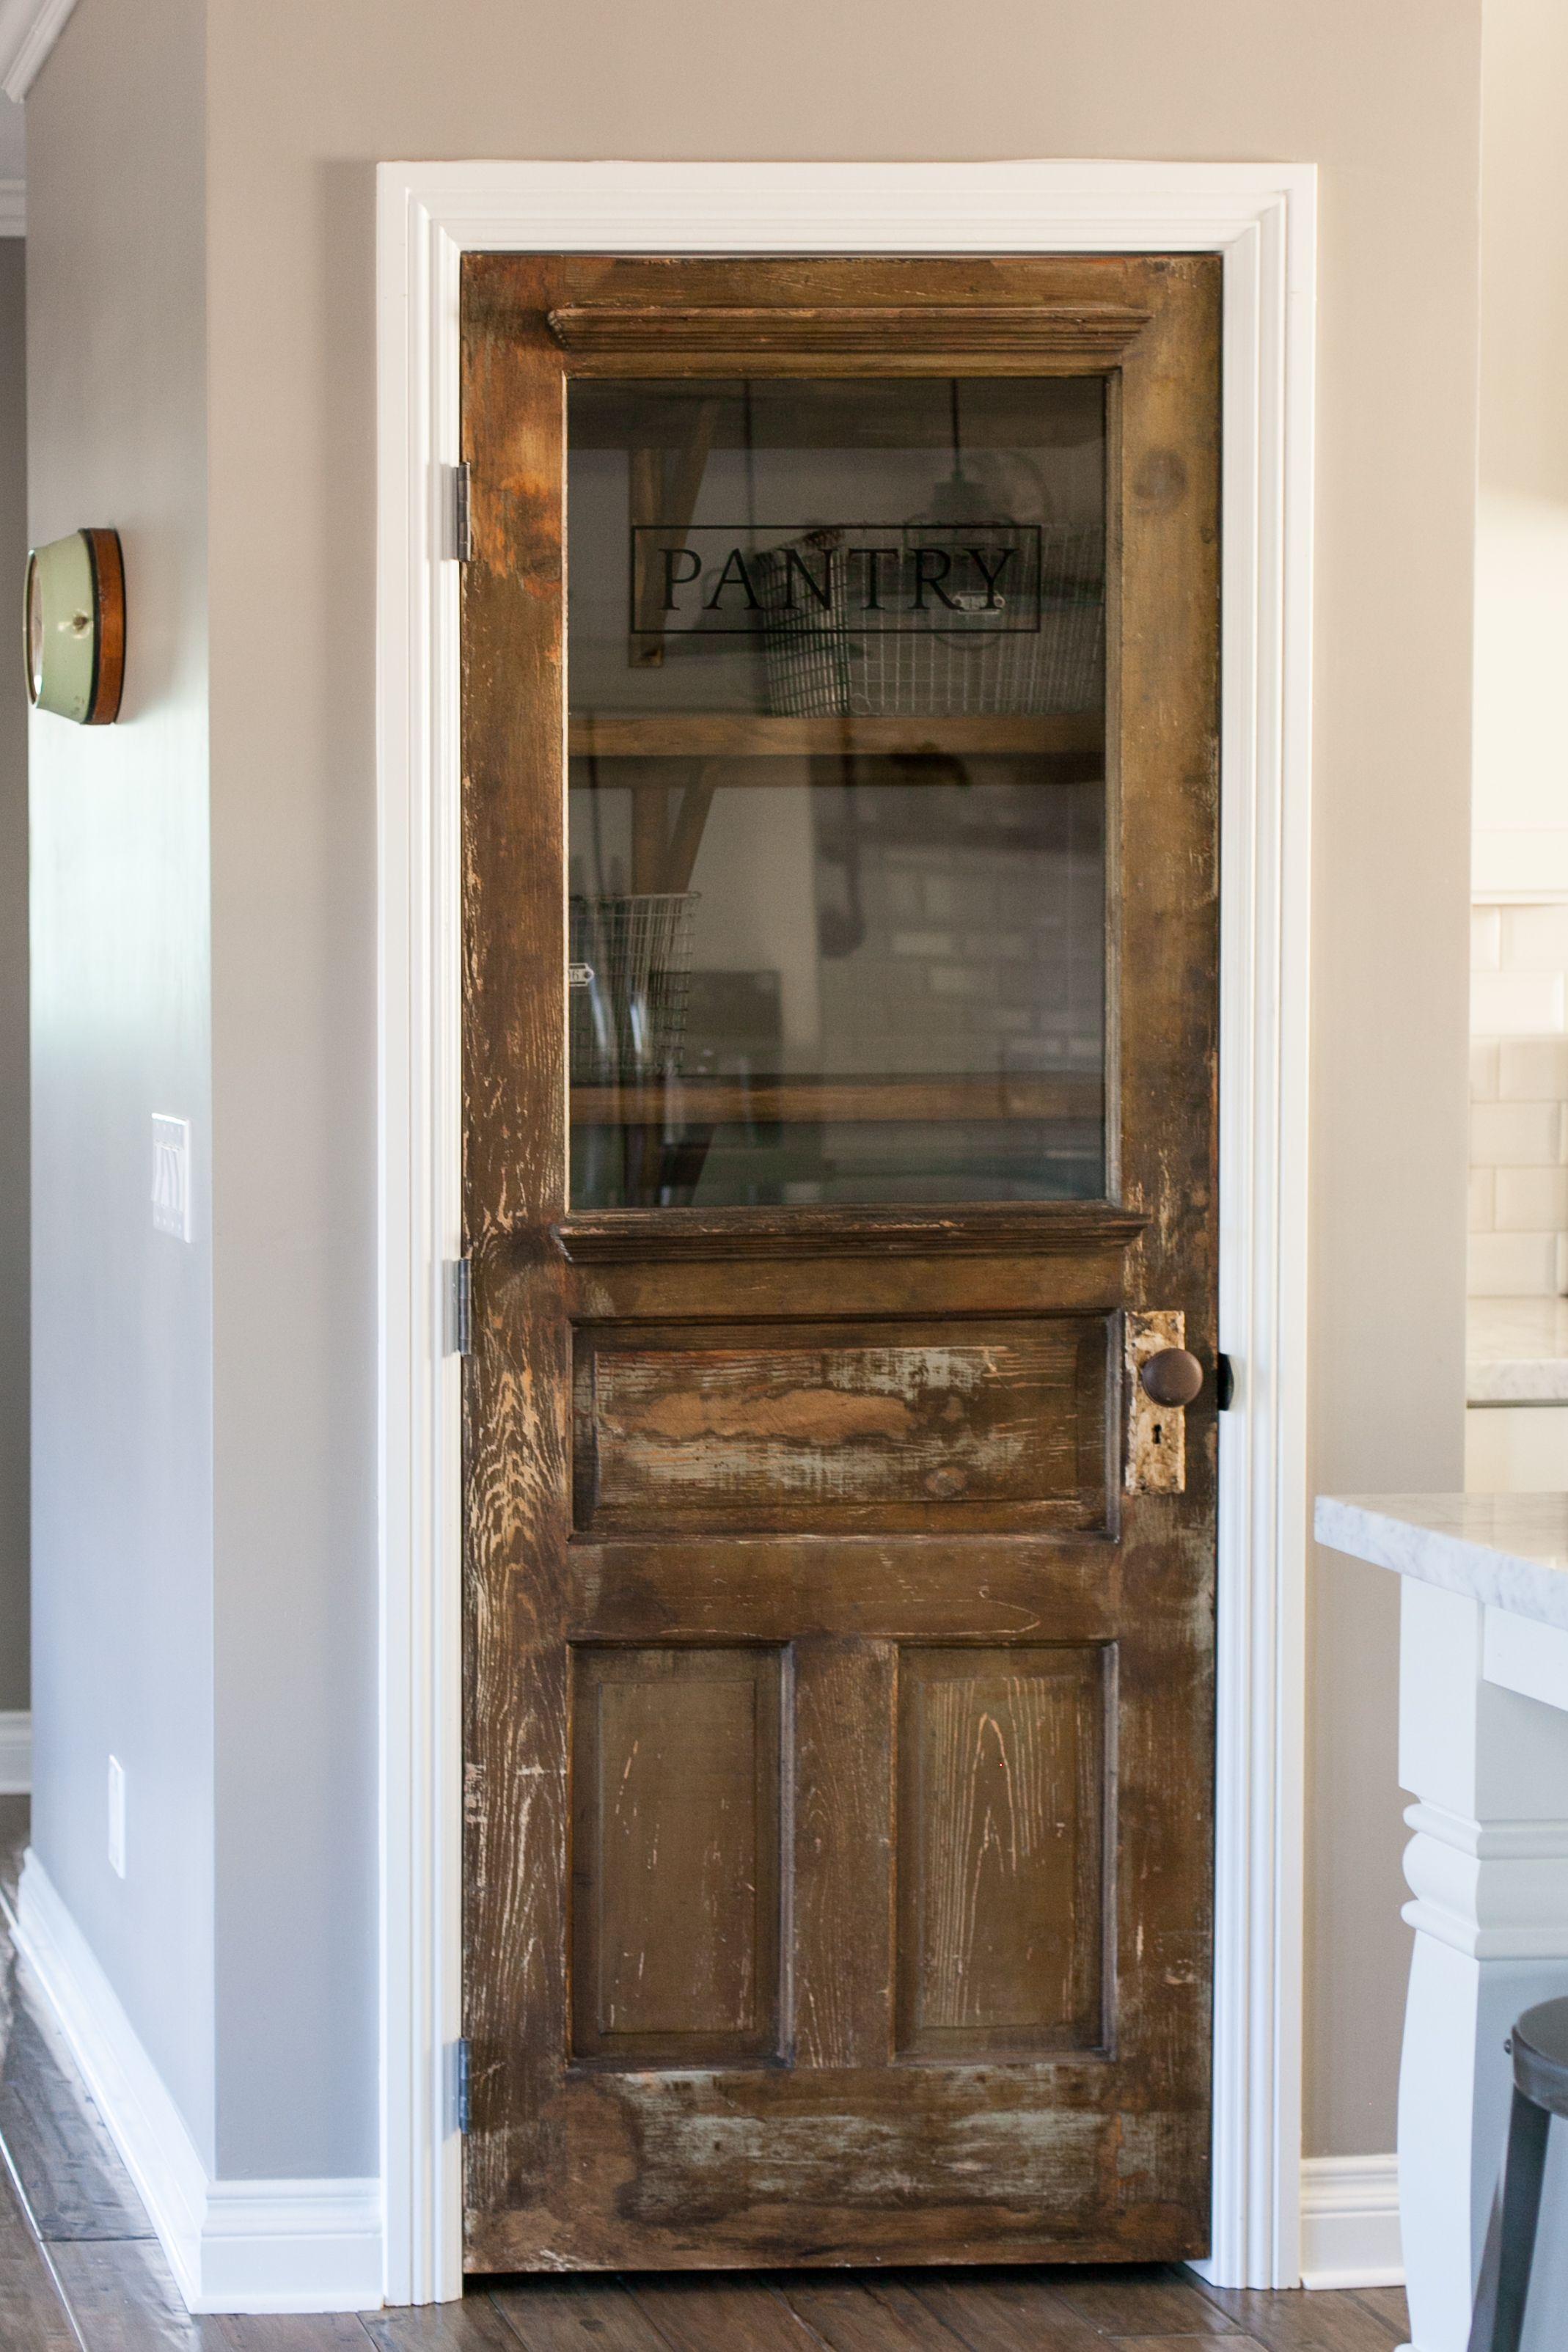 Vintage farmhouse door repurposed as a pantry door by